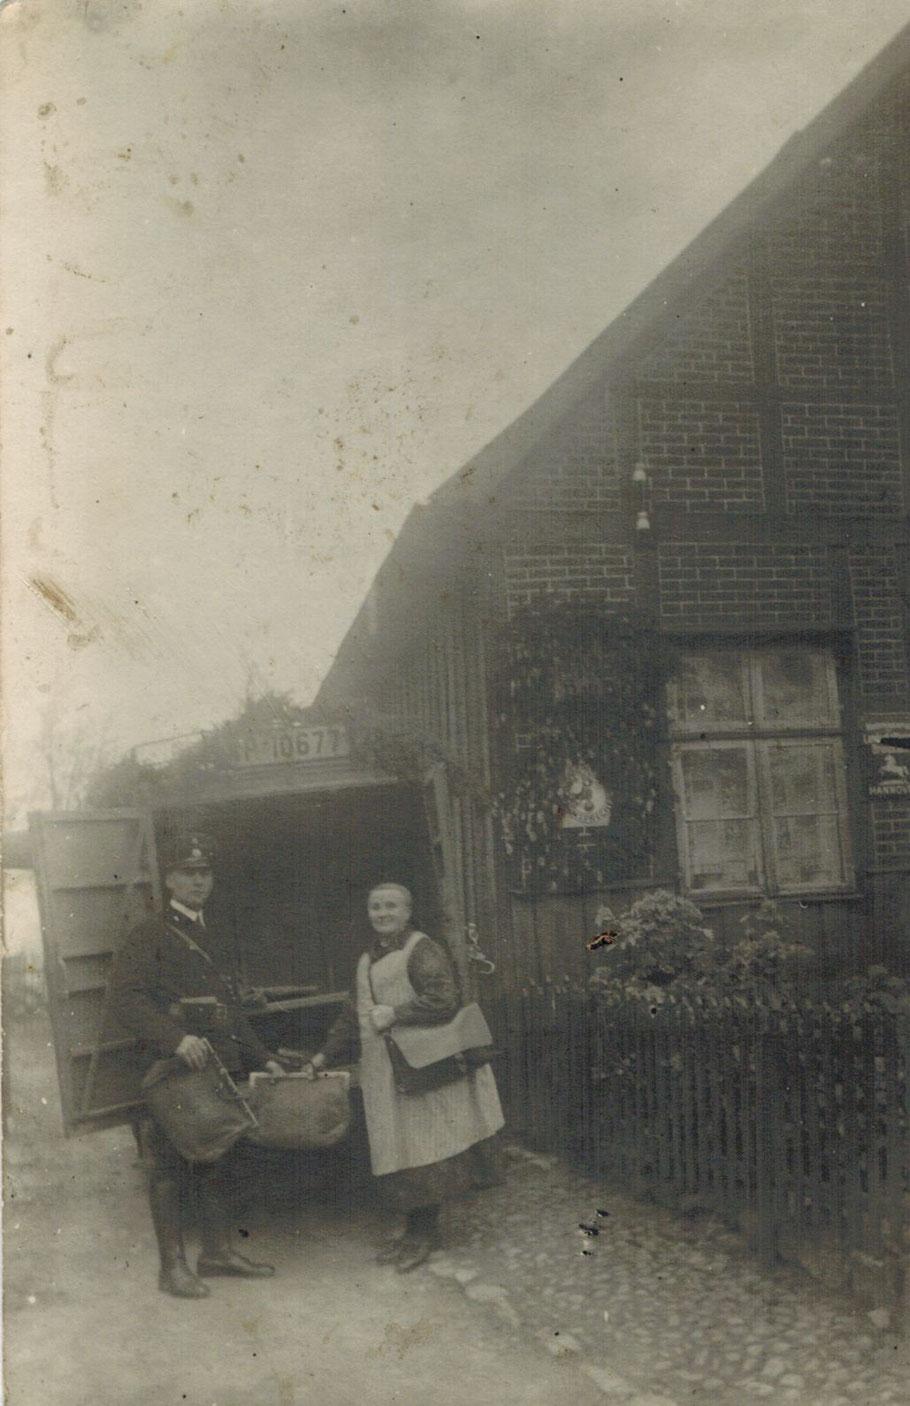 Haus Nr 17 Sammans (Santelmann) am 1 Mai 1933 mit der Posthalterin Santelmann (Großmutter von Lisa Osterhoff) bei der ersten motorisierten Postablieferung in Emsen